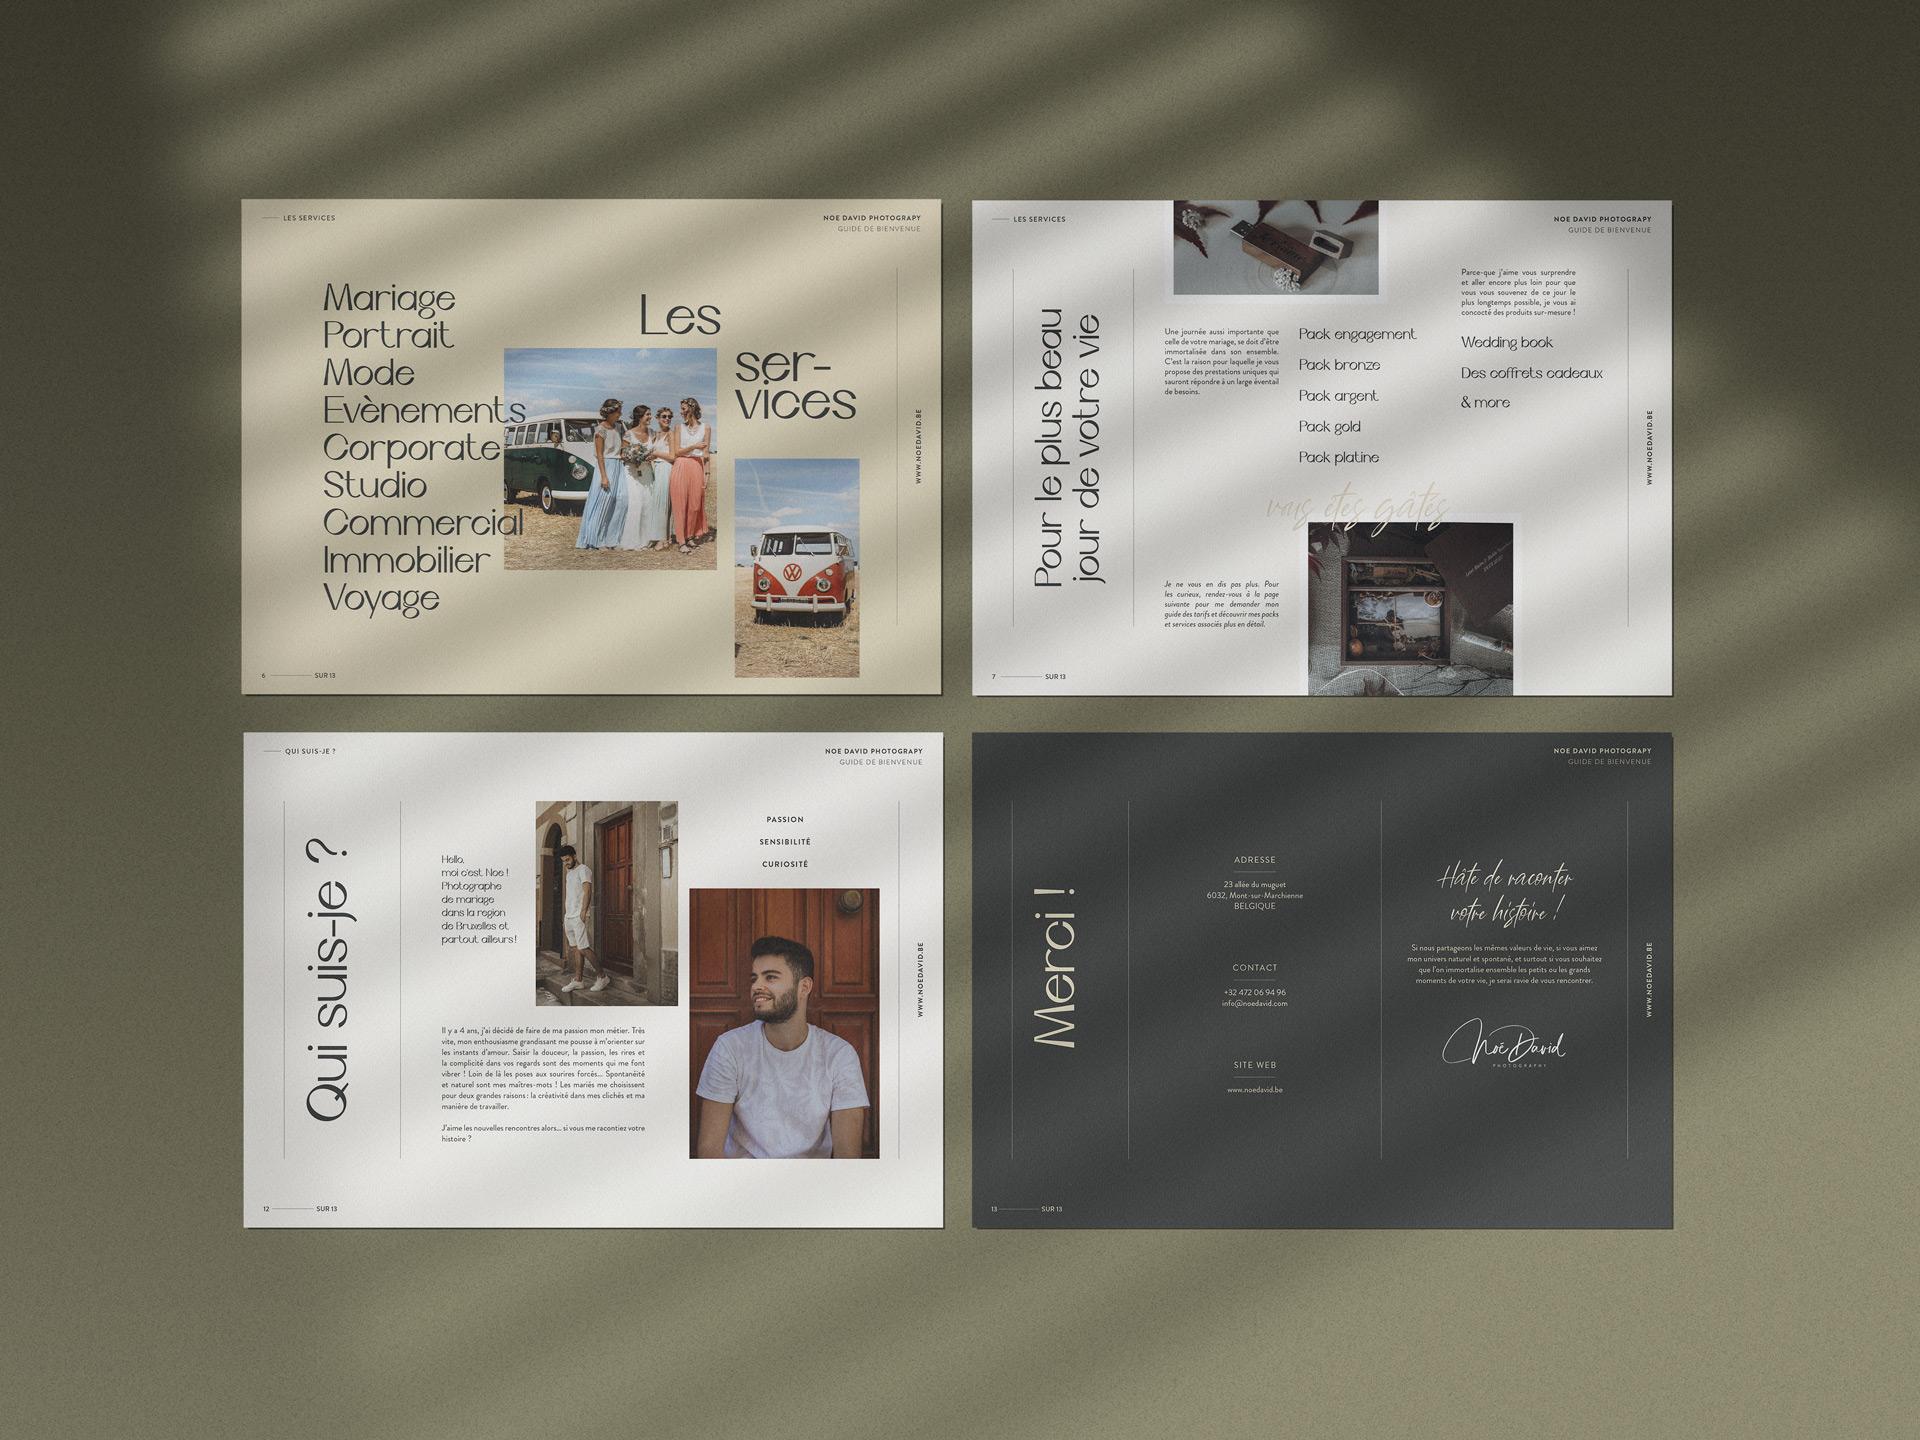 guide-noedavid-photographe-graphiste-webdesigner-freelance-strasbourg-studiopolette-03